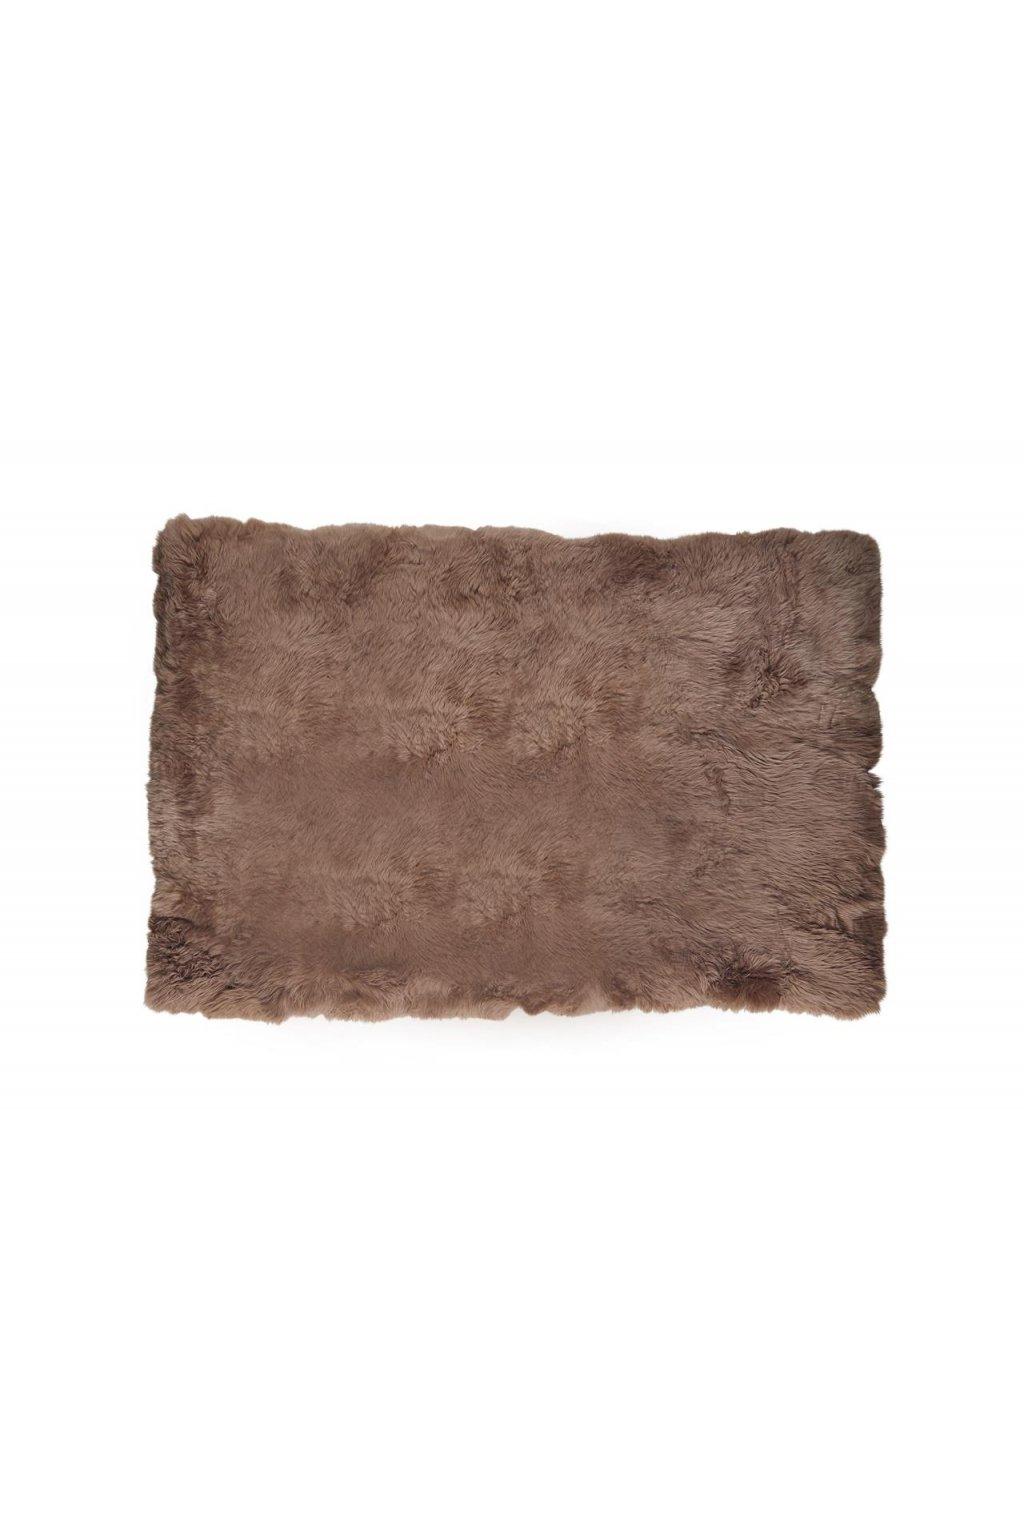 Koberec z jehněčí kožešiny 120 x 180 cm